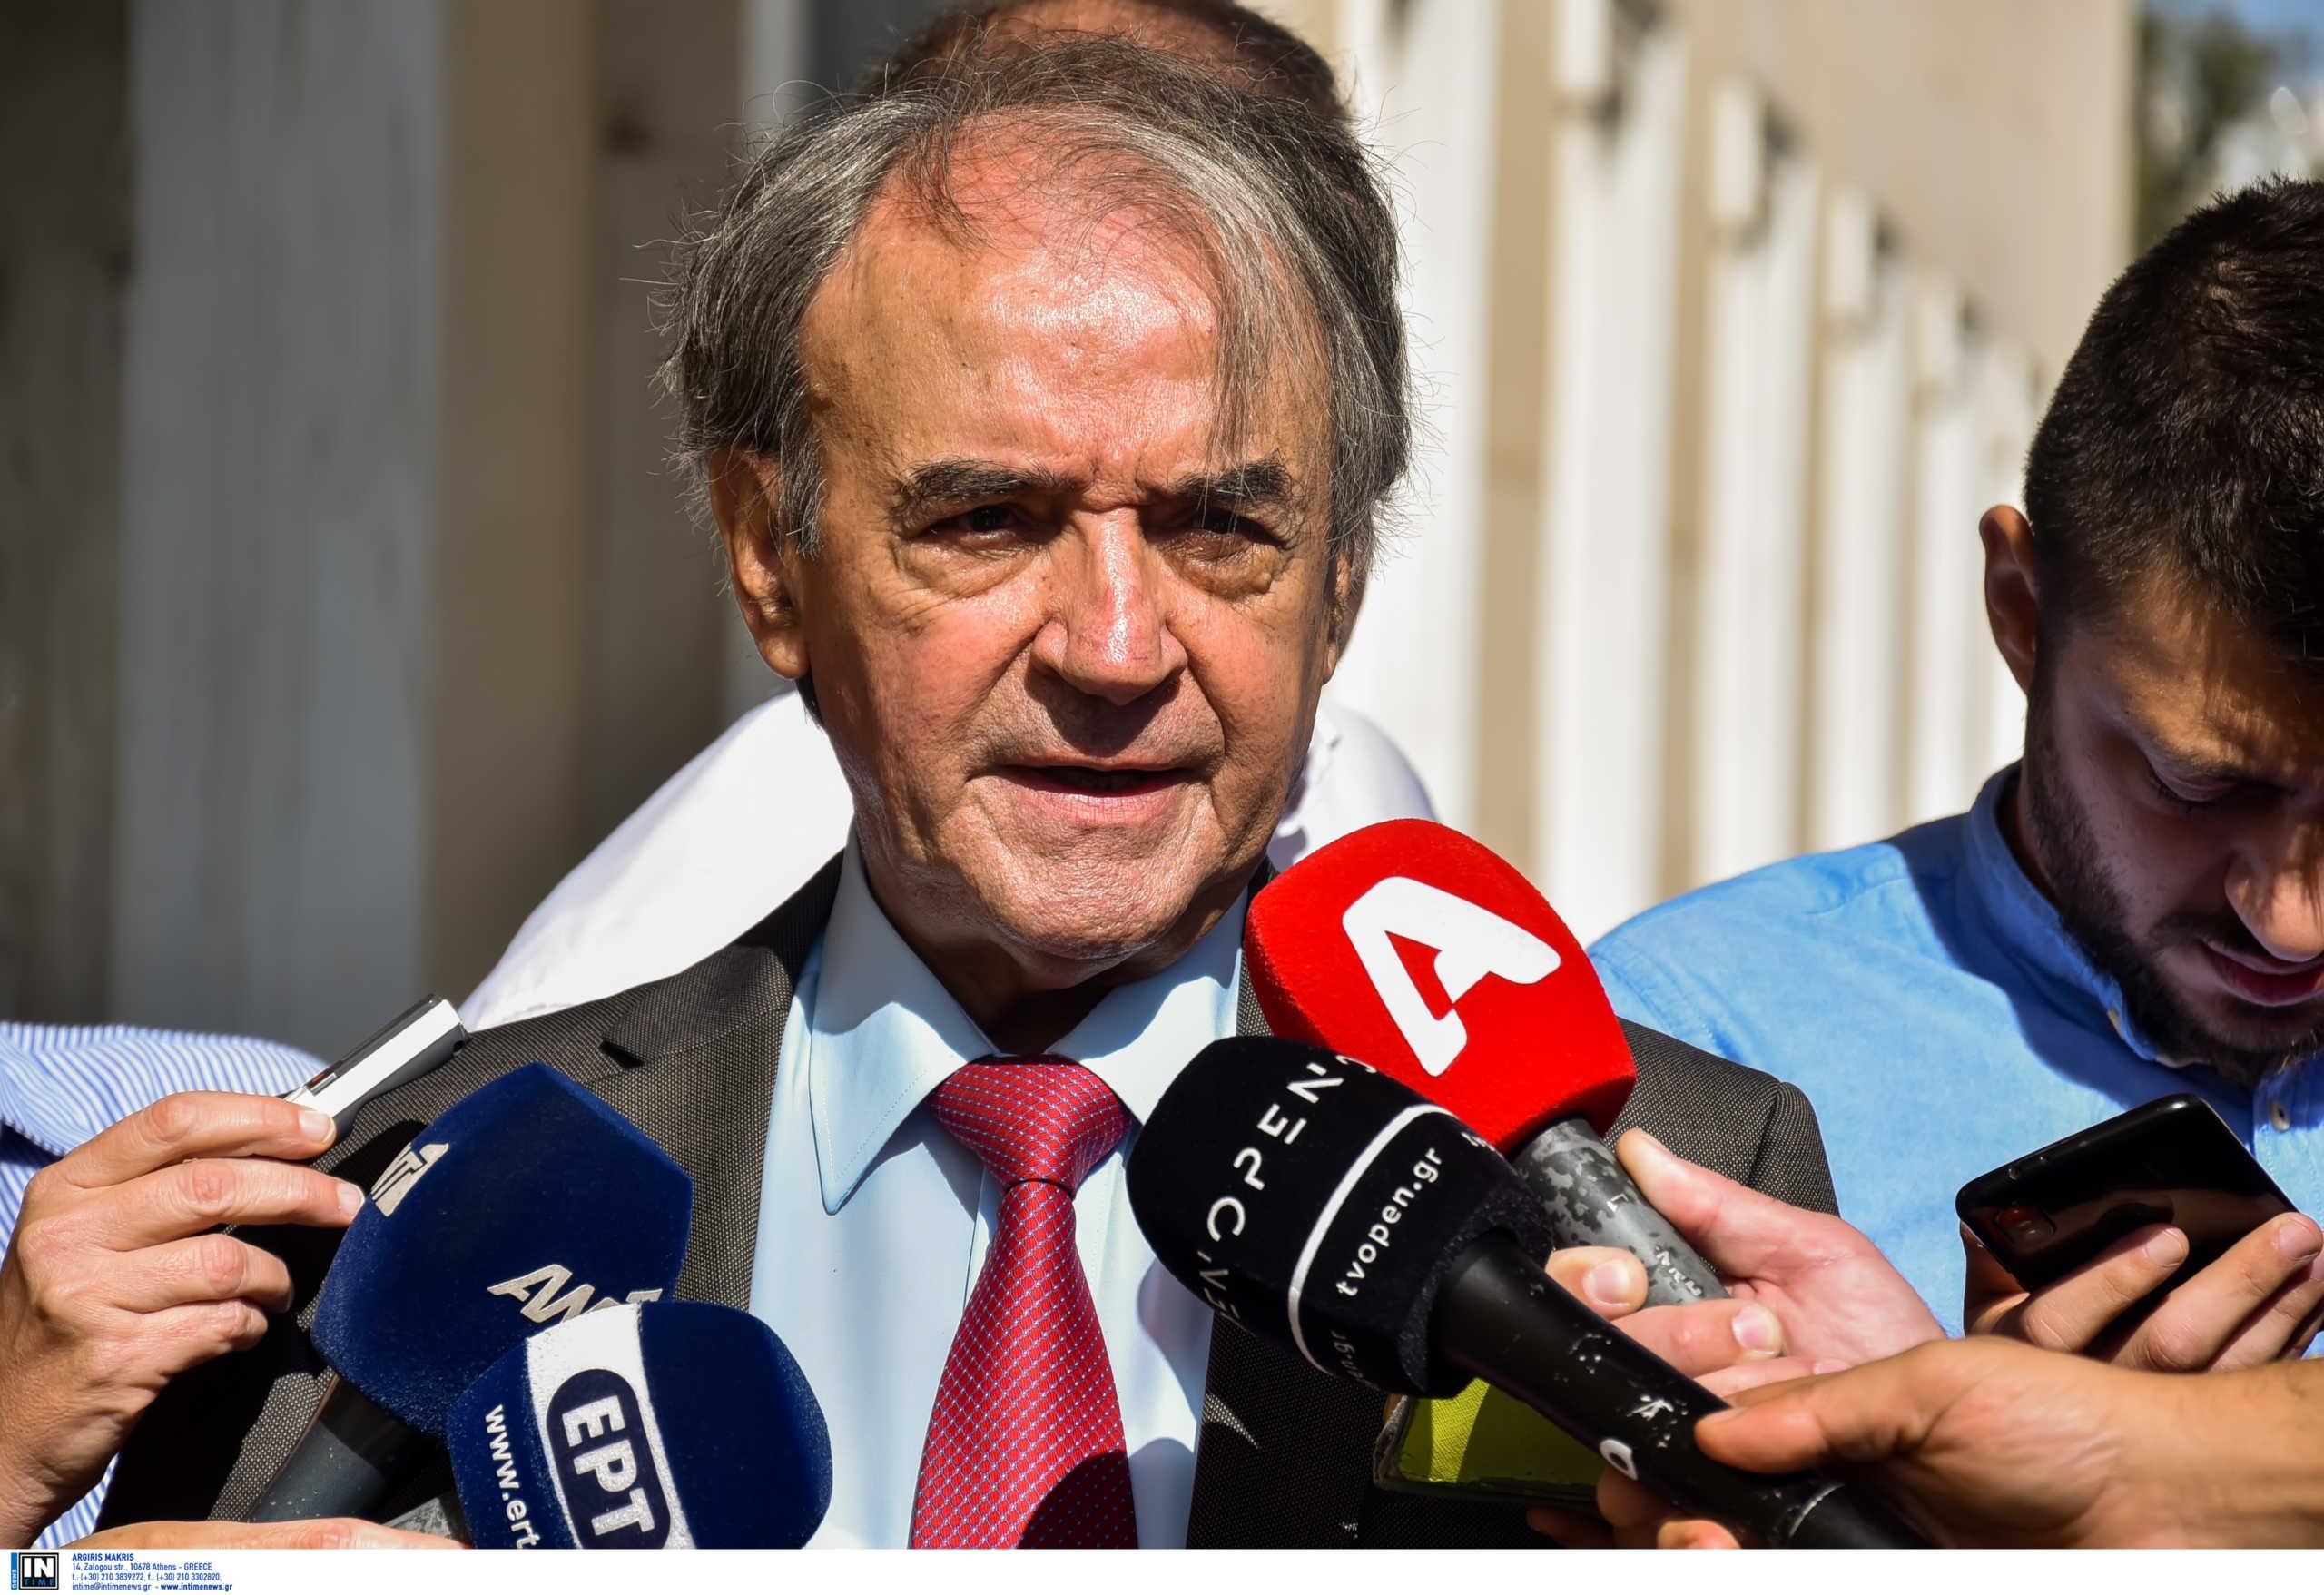 Τσοβόλας: Πολιτική η δίωξη σε βάρος του Δημήτρη Παπαγγελόπουλου